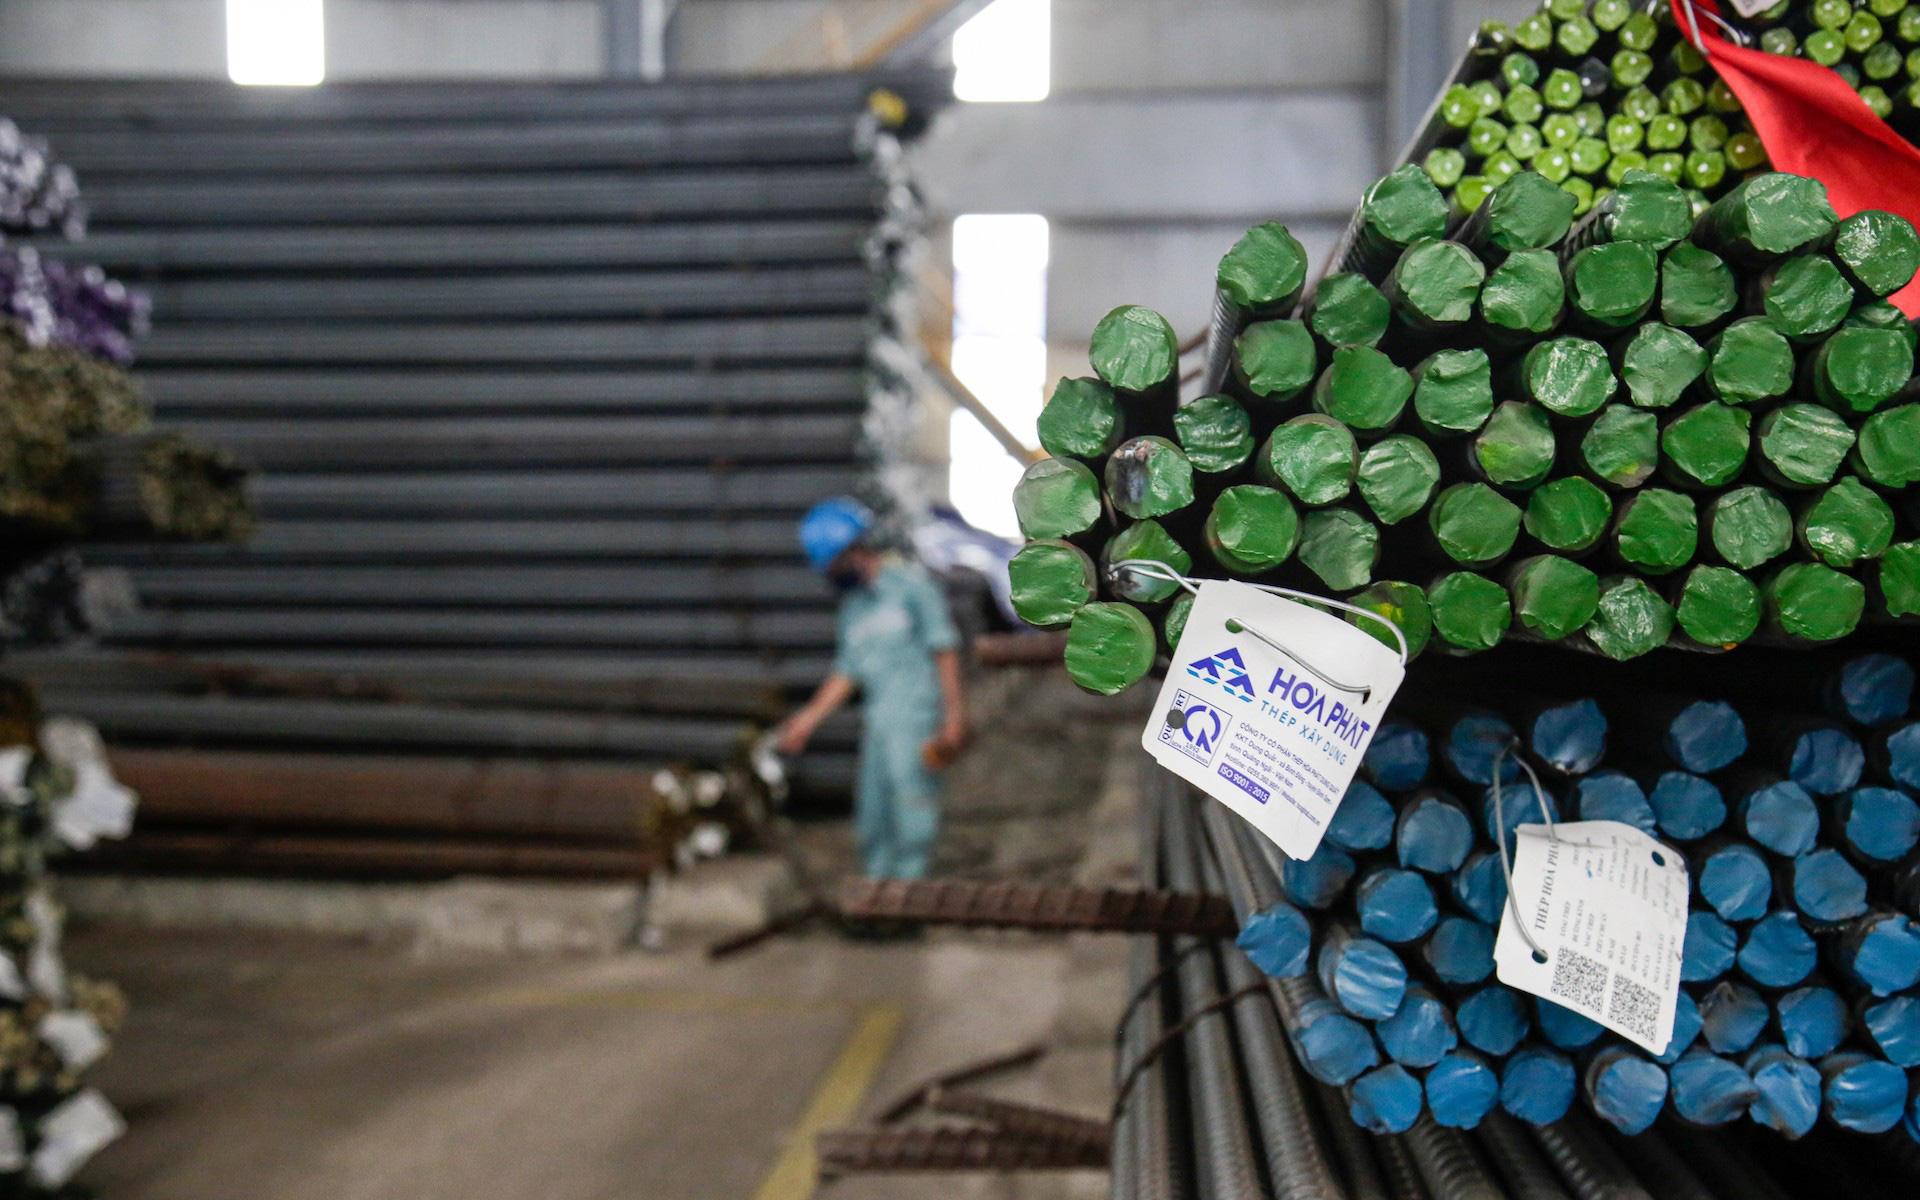 Thị phần thép xây dựng Hòa Phát tăng lên 37%